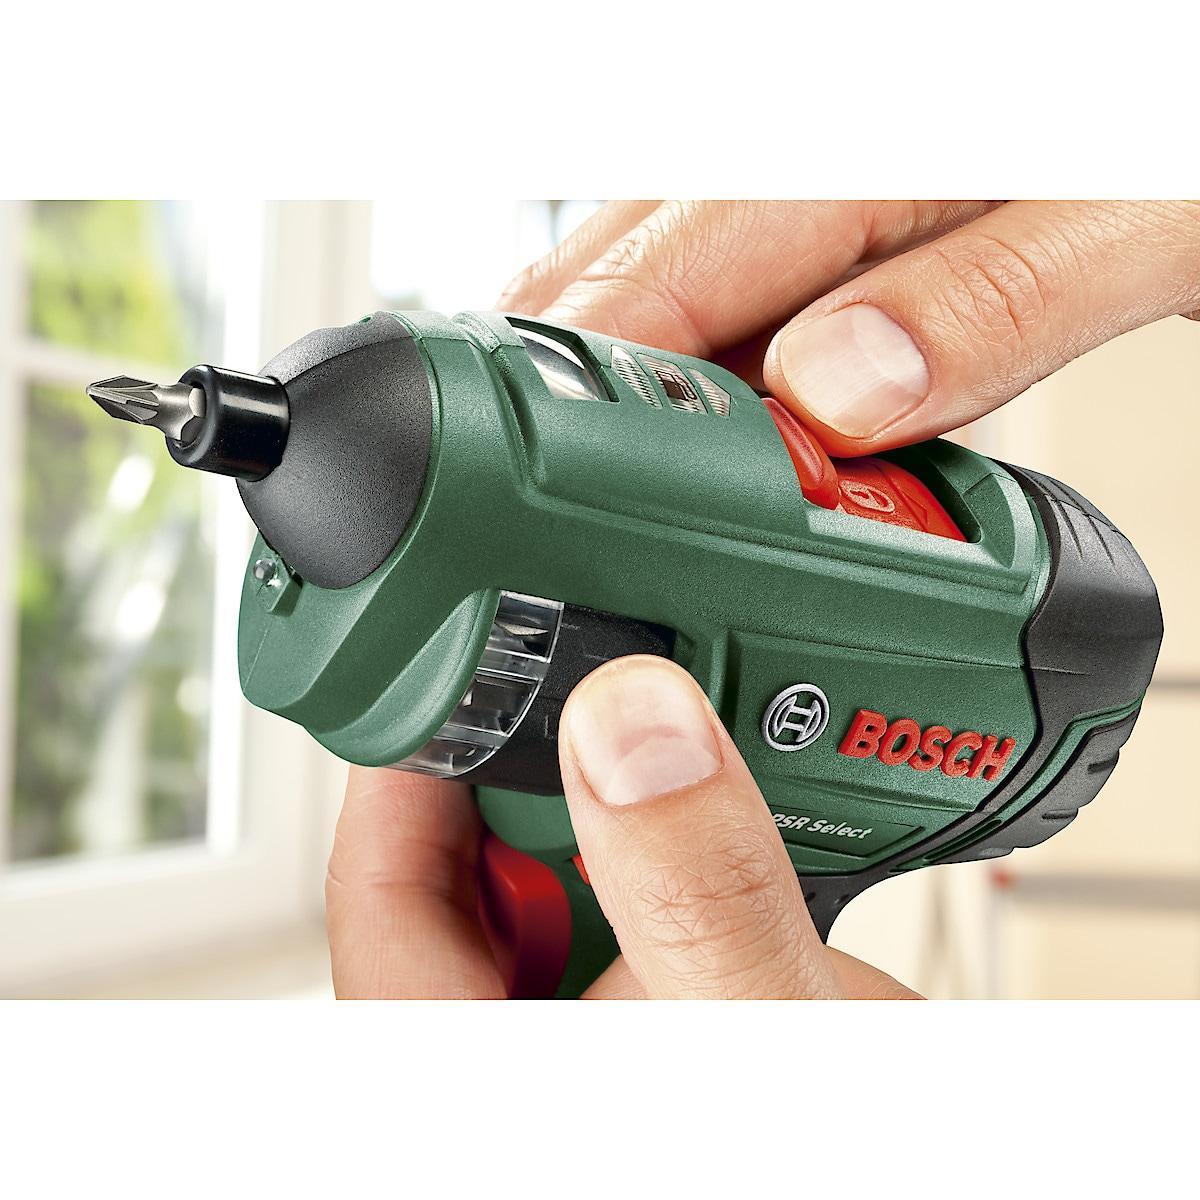 Akkuschrauber Bosch PSR Select